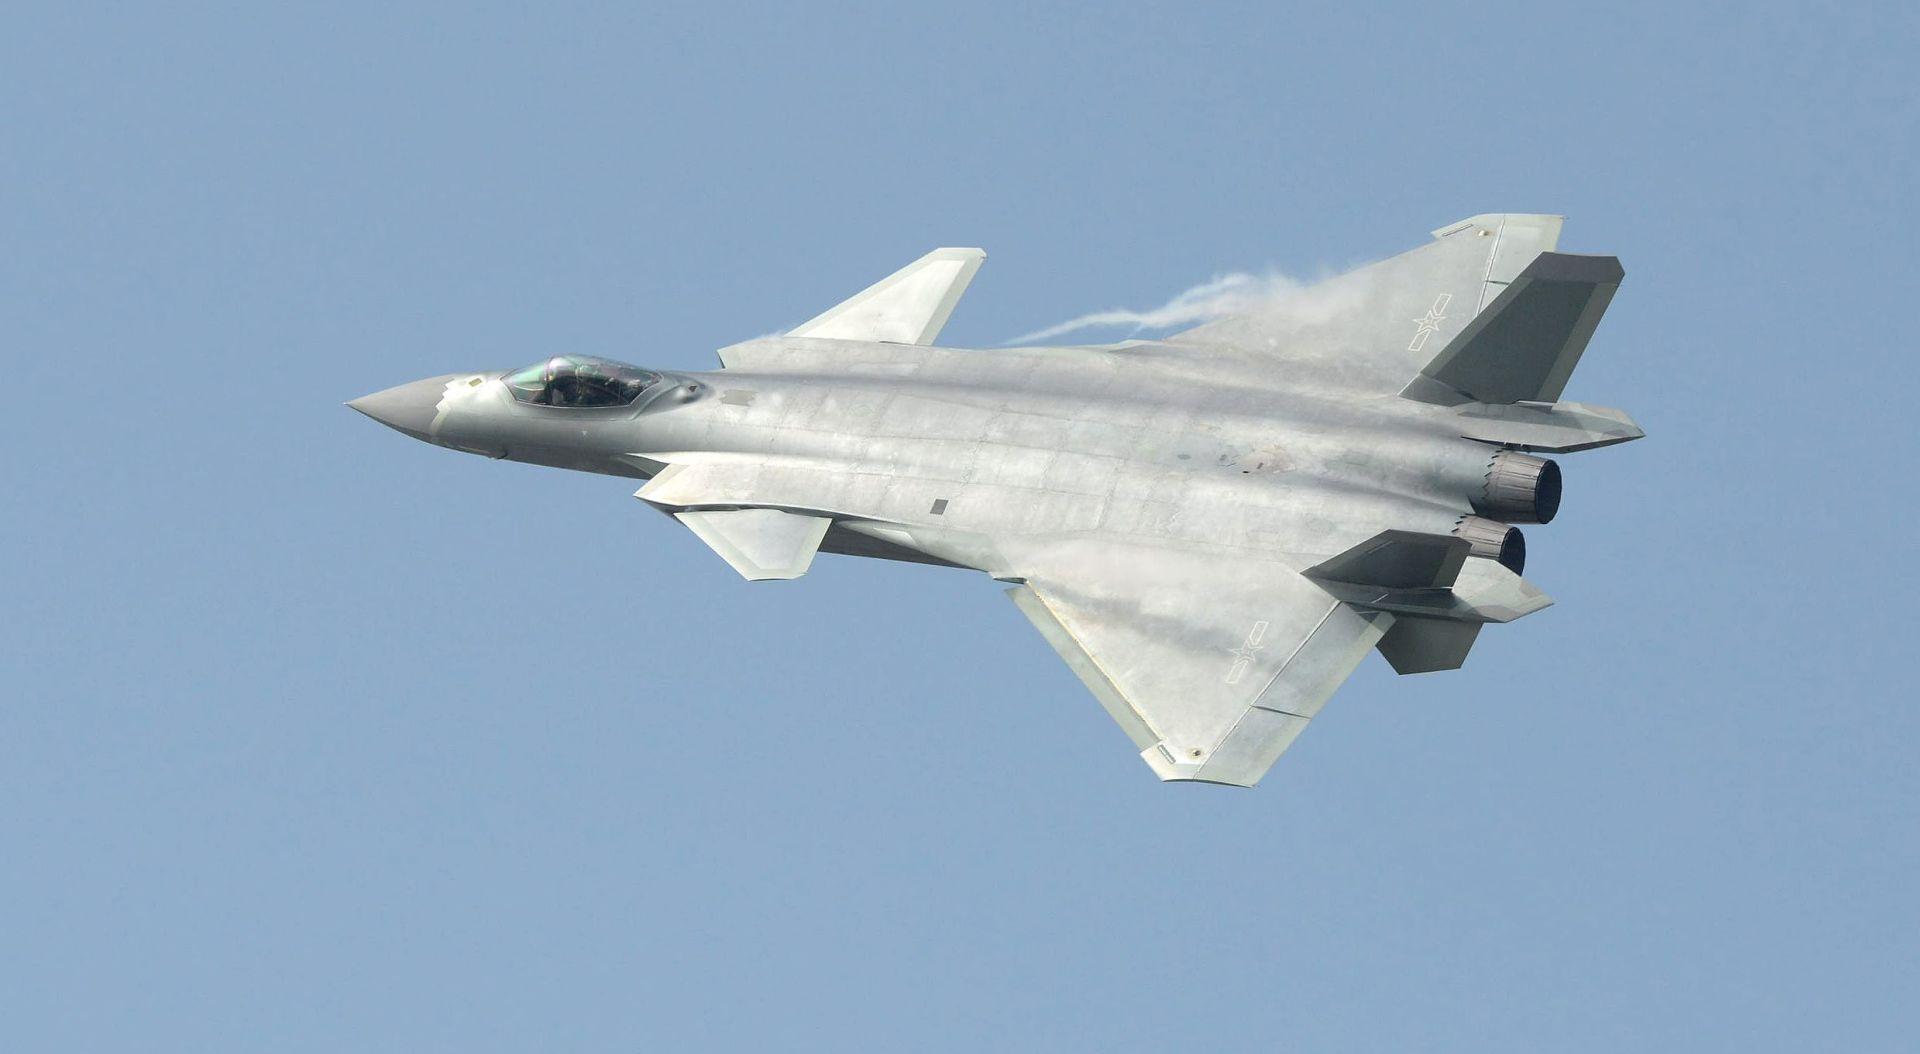 """Kina prvi put predstavila javnosti svog """"nevidljivog"""" lovca J-20"""